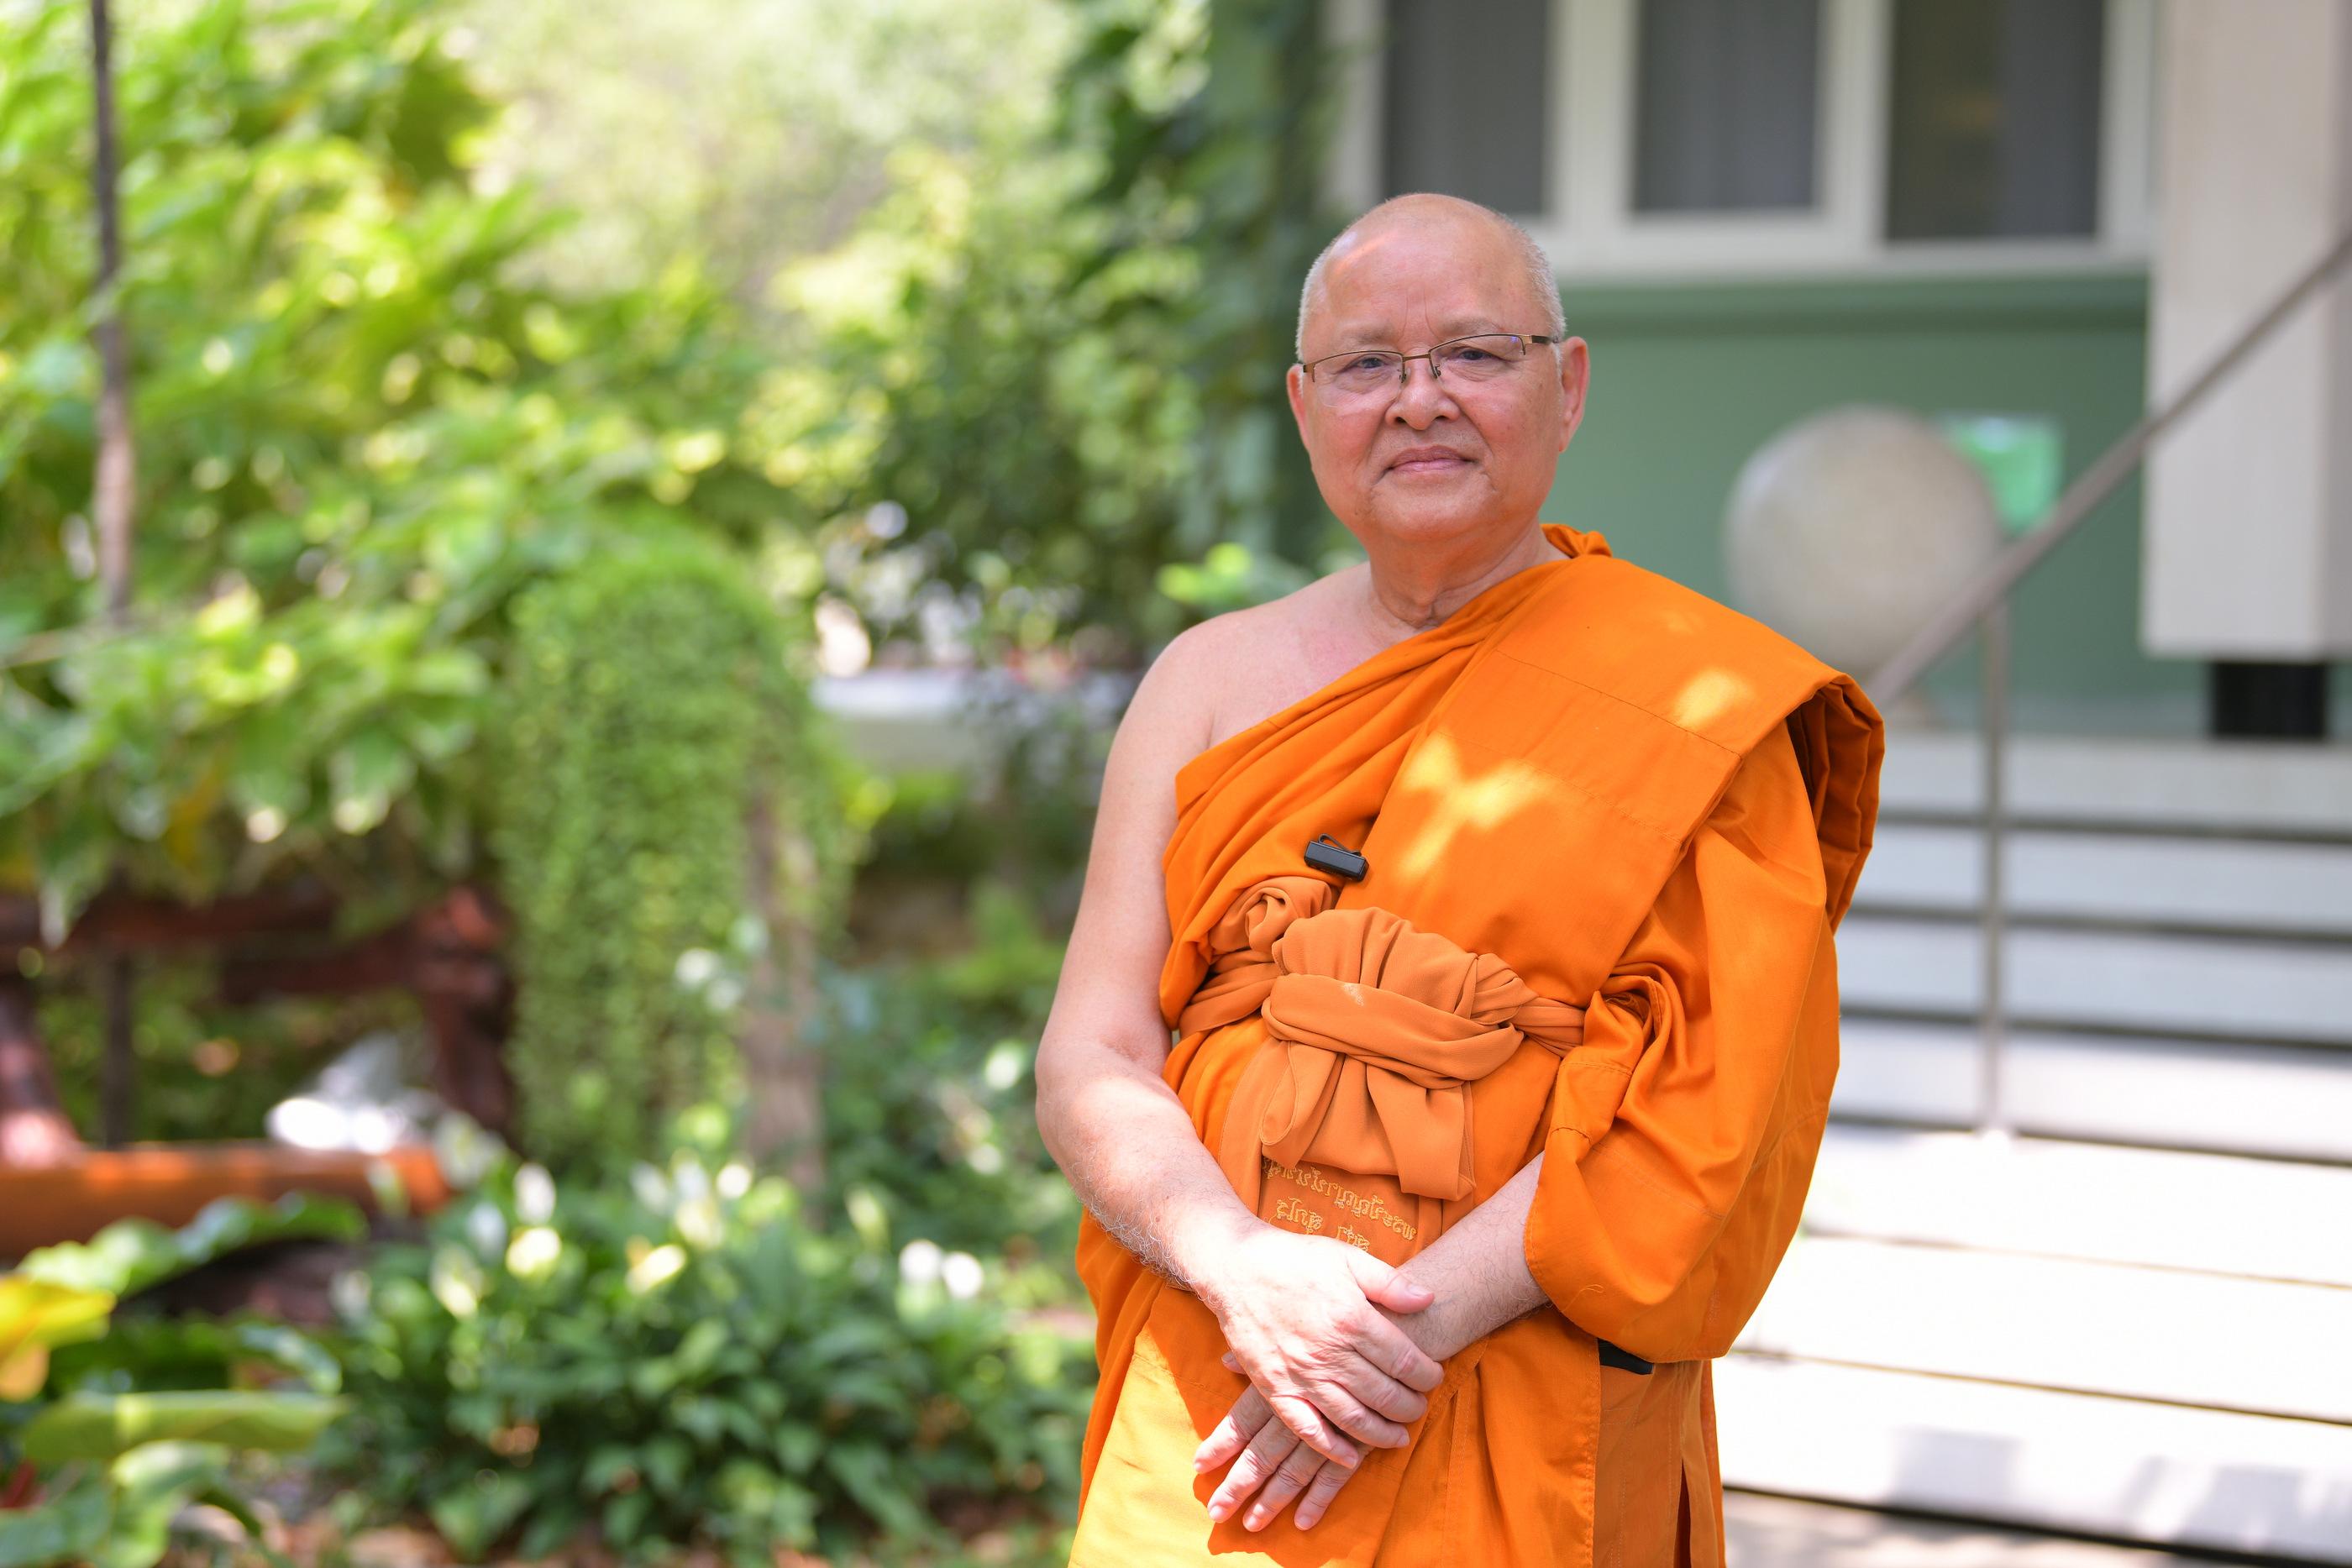 บุญไม่เปื้อนบาป ถอดน้ำเมาจากงานบุญ thaihealth